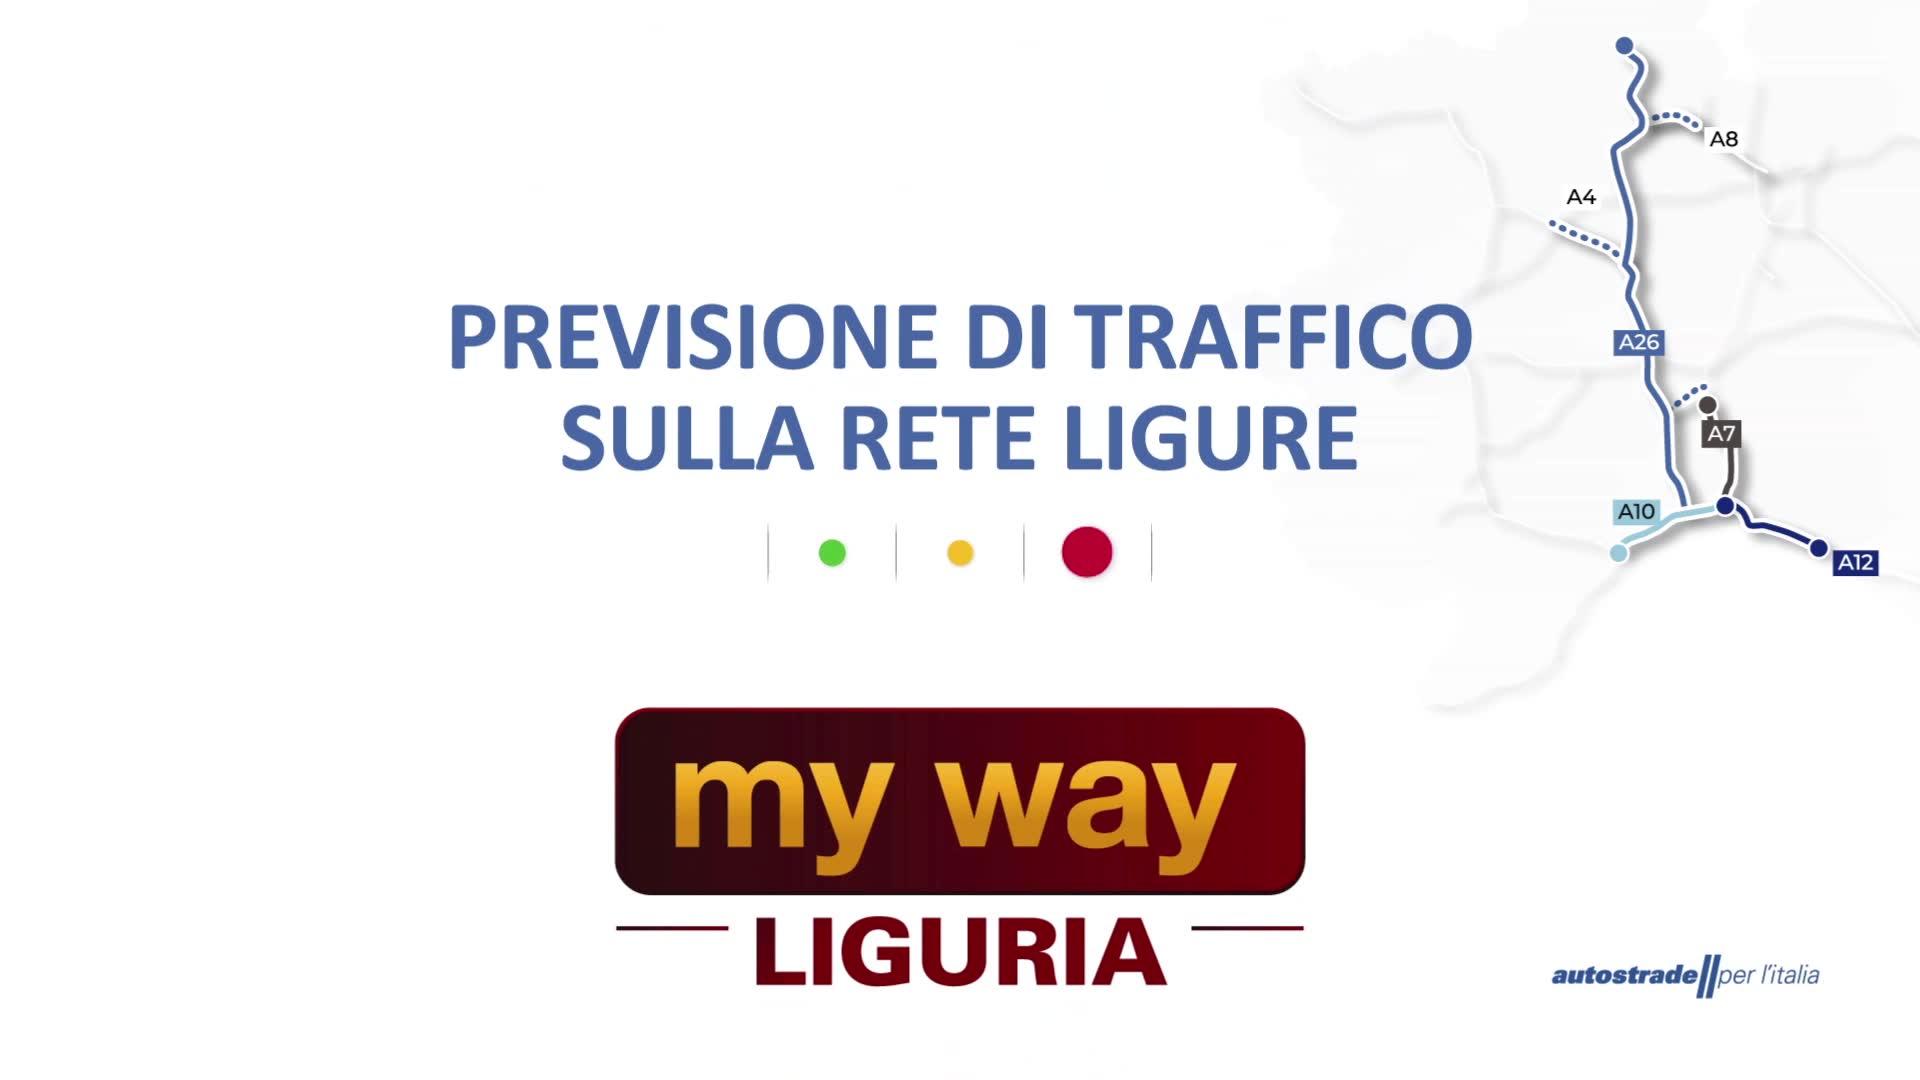 Le previsioni del traffico sulle autostrade in Liguria per giovedì 23 settembre